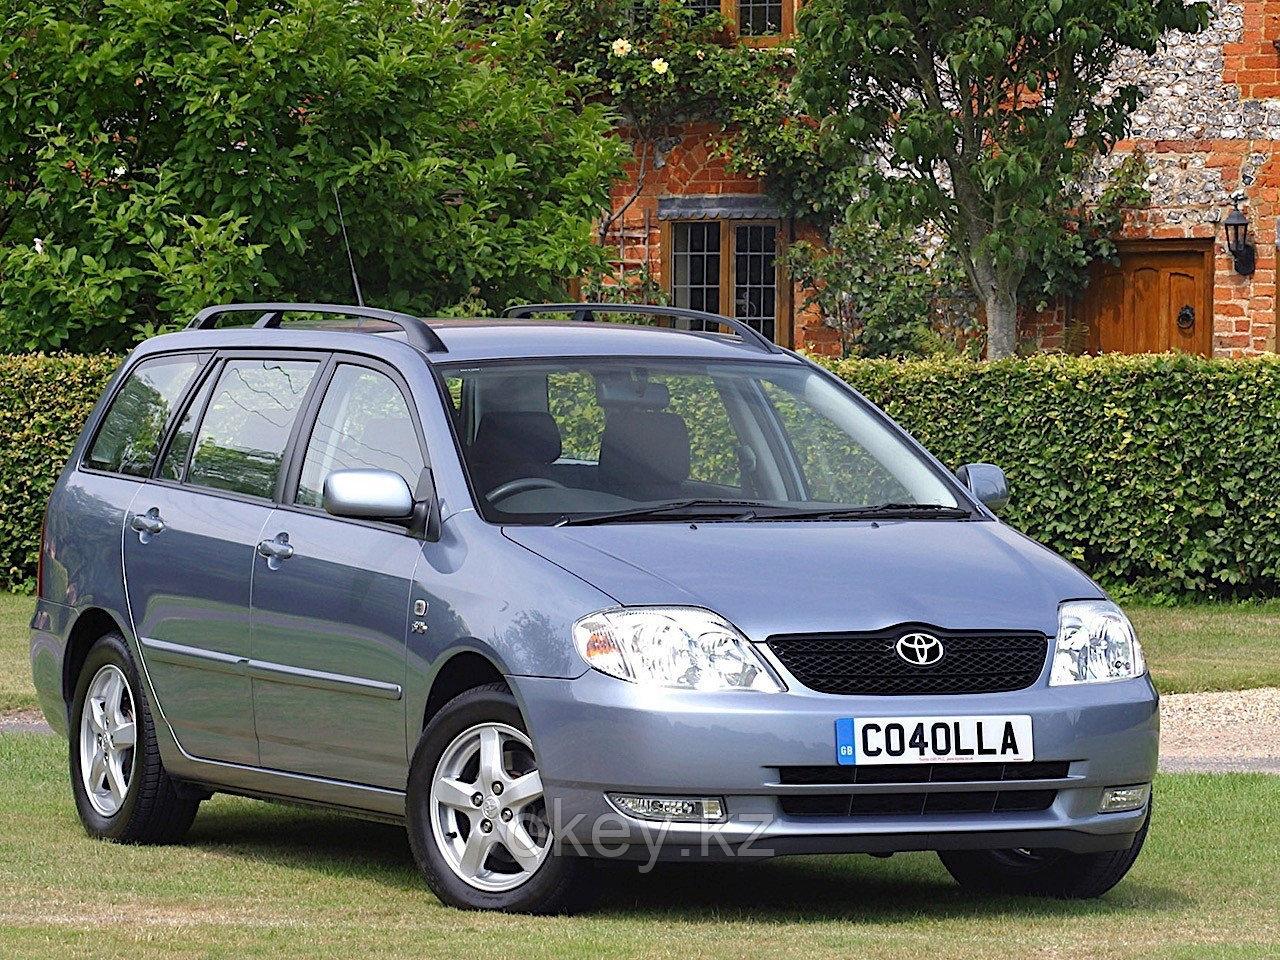 Тормозные колодки Kötl 3289KT для Toyota Corolla IX универсал (_E12J_, _E12T_) 1.6 VVT-i, 2002-2007 года выпуска.